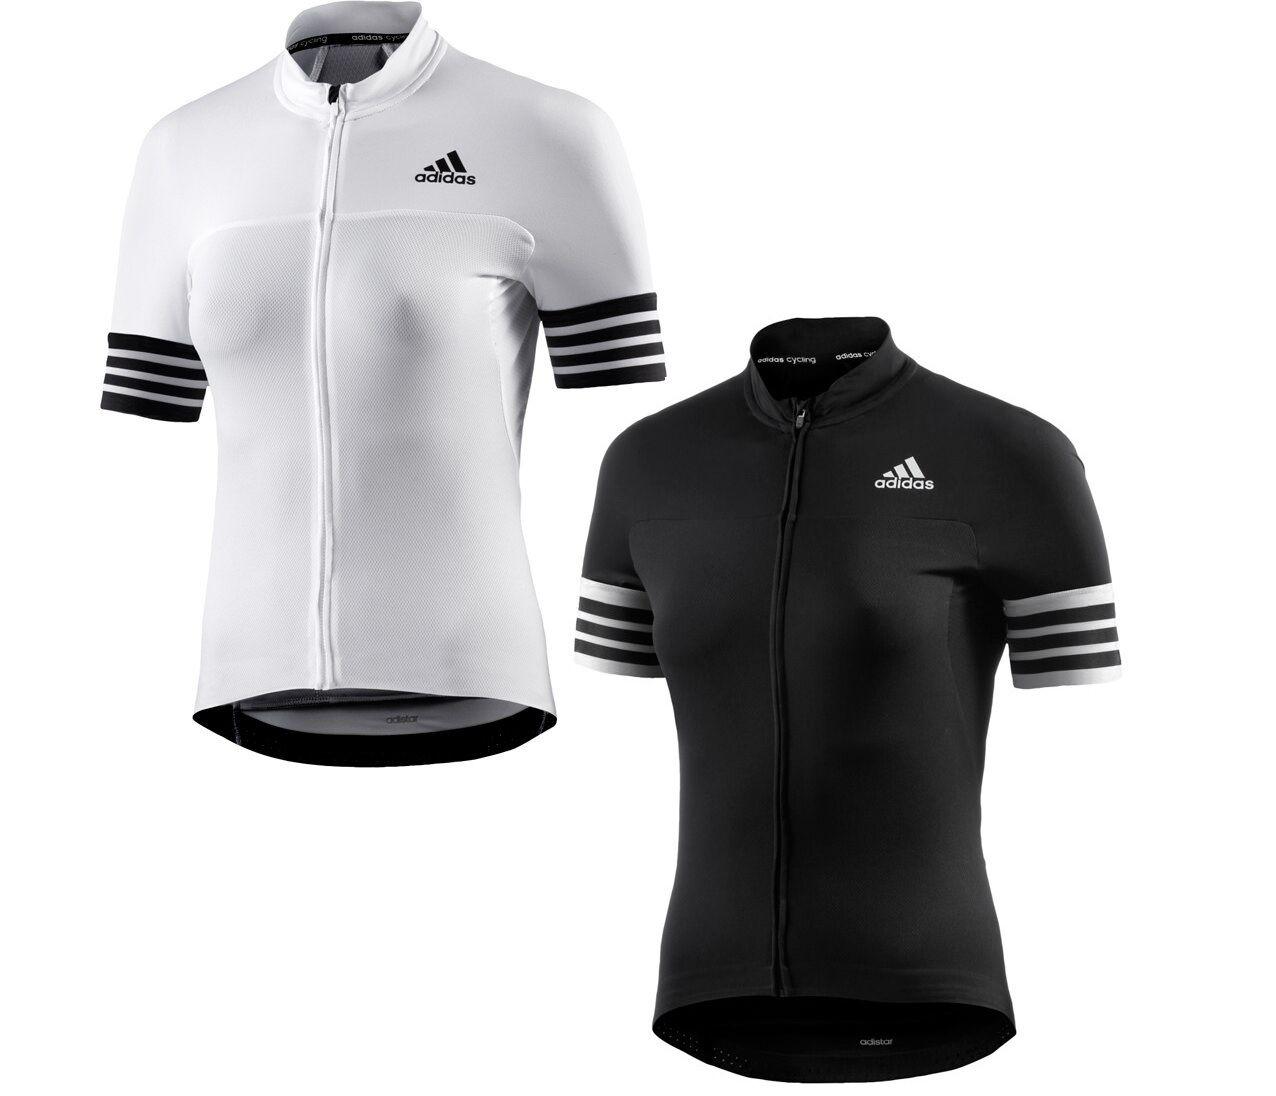 New Women's Adidas Adistar Cycling Biking Jersey  Bike Top Shorts Sleeve T-Shirt  free shipping